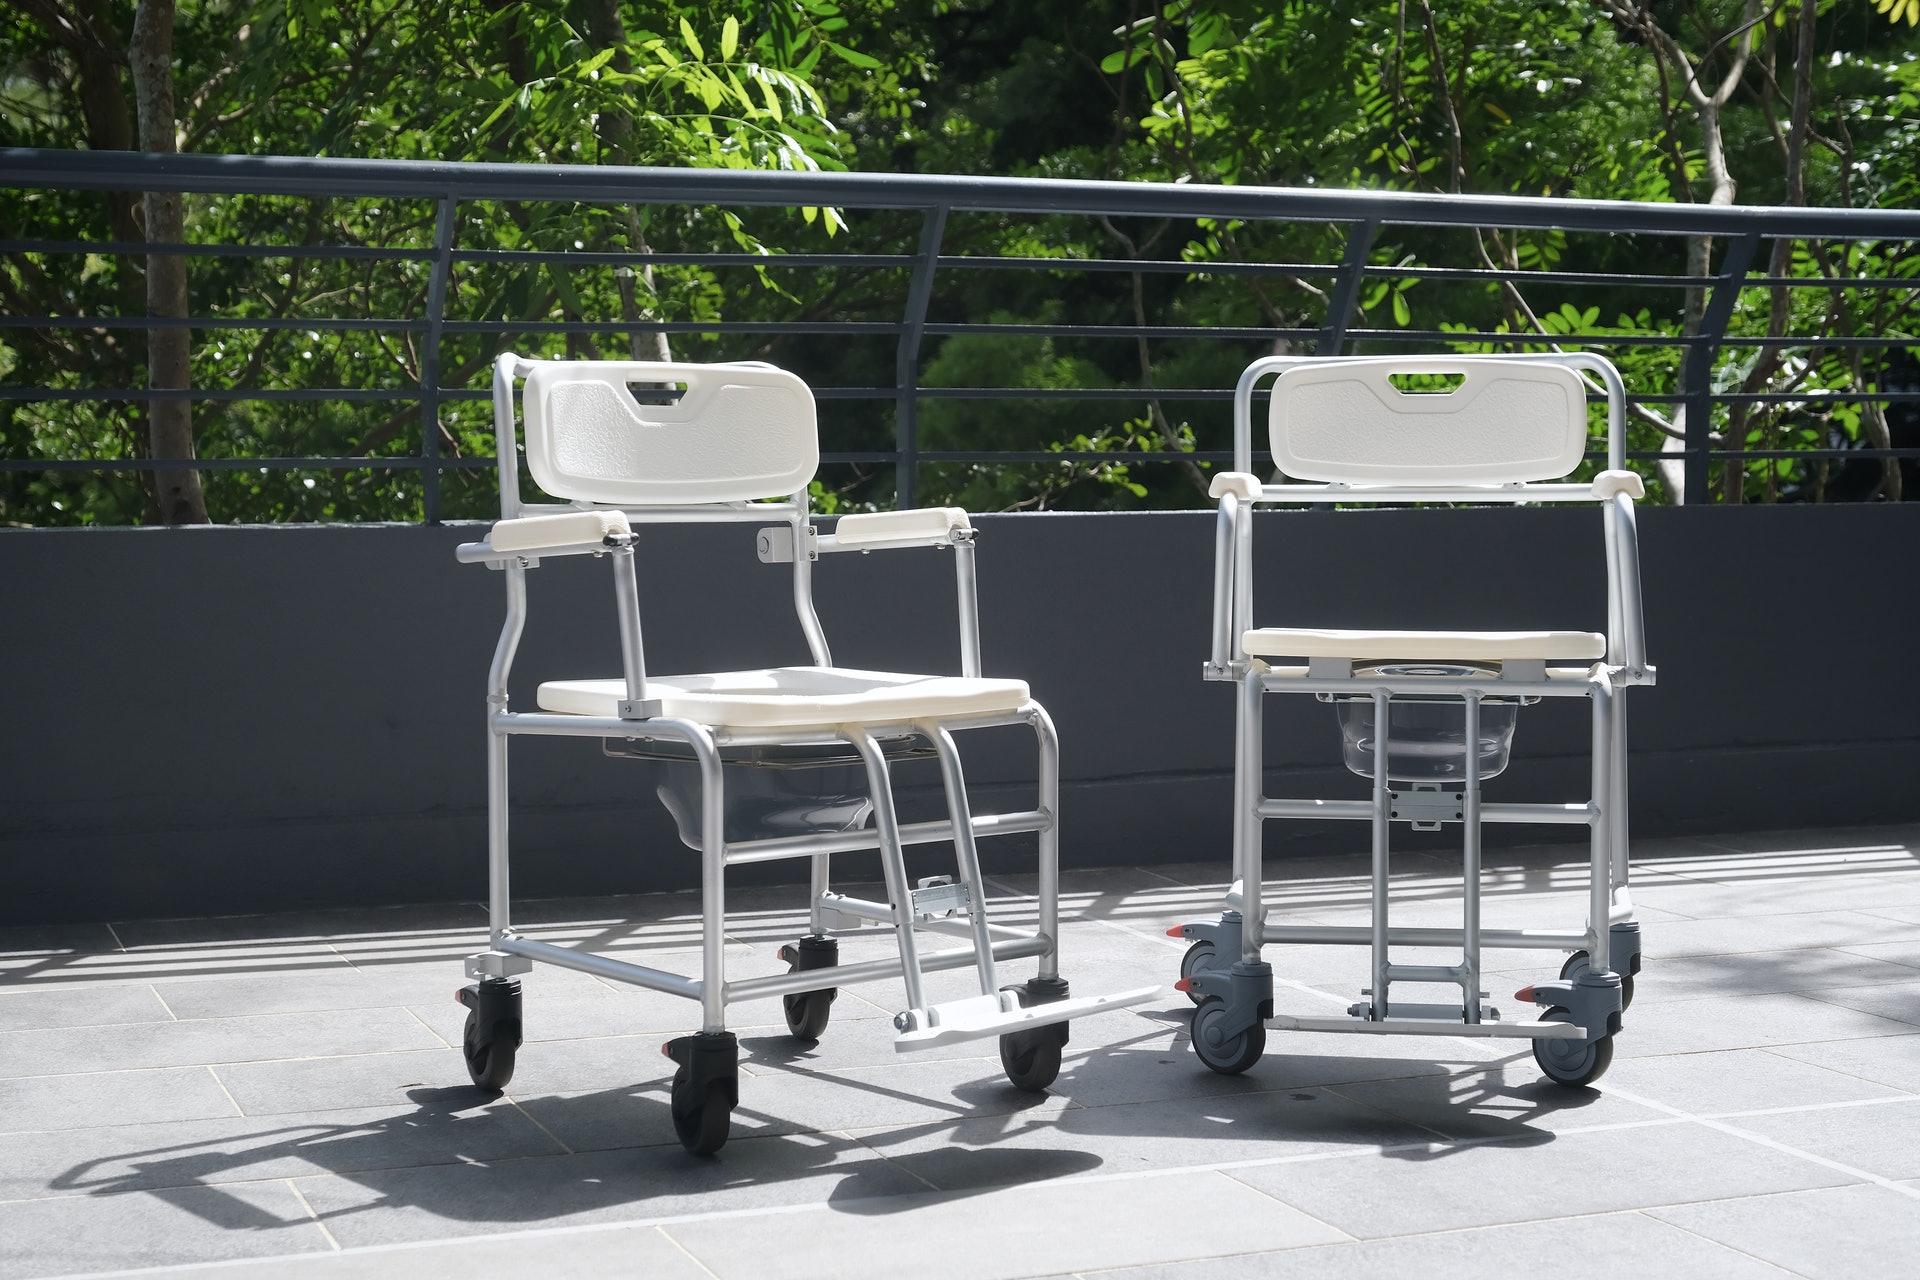 團隊最新設計的長者用便椅,具備特別防跌設計,便椅坐板角度微微向後傾斜,令身體重心靠後。(歐嘉樂攝)